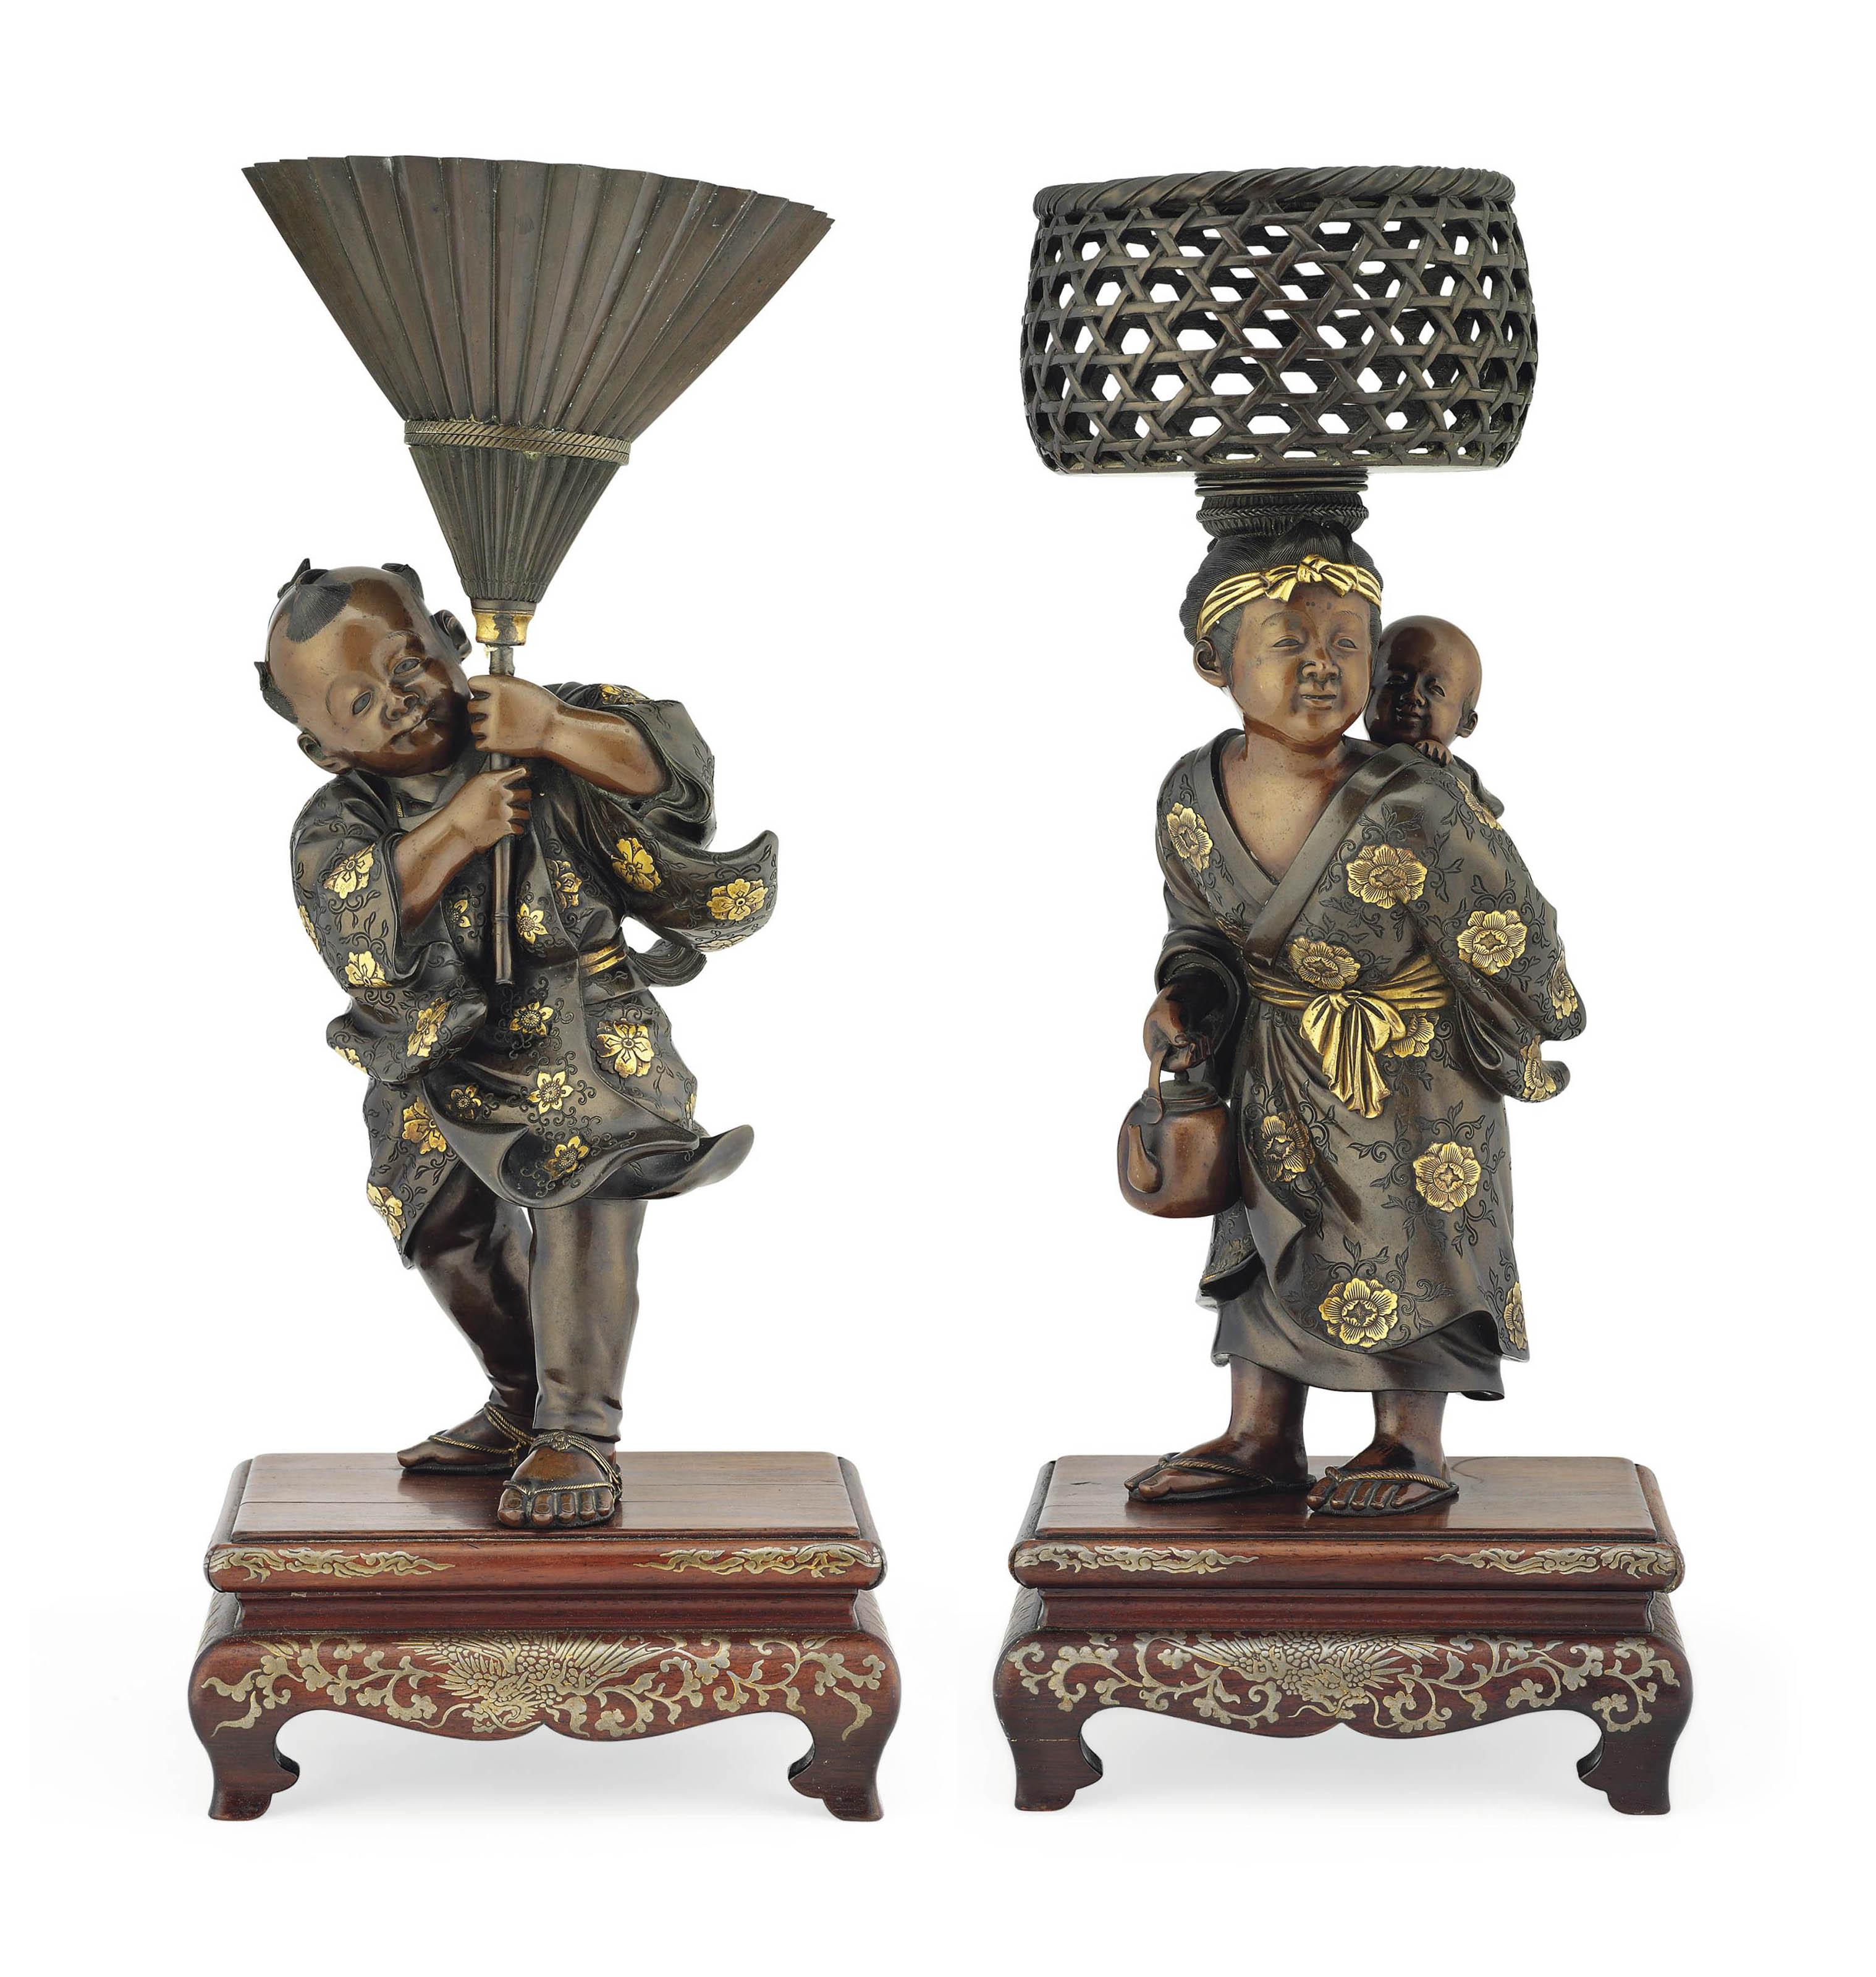 A Pair of Bronze Sculptures